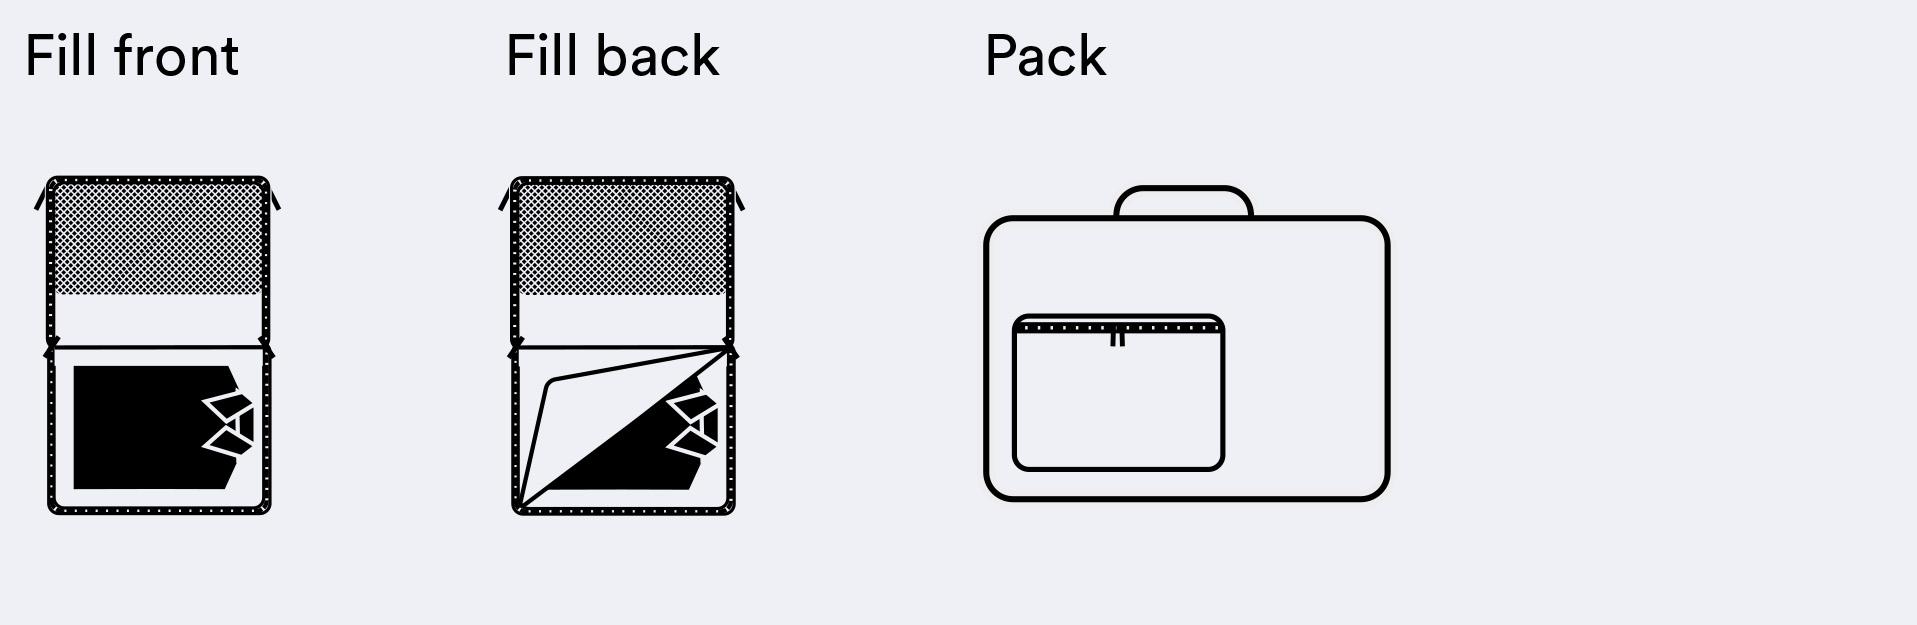 lp-garment-cuve-med-v1.jpg